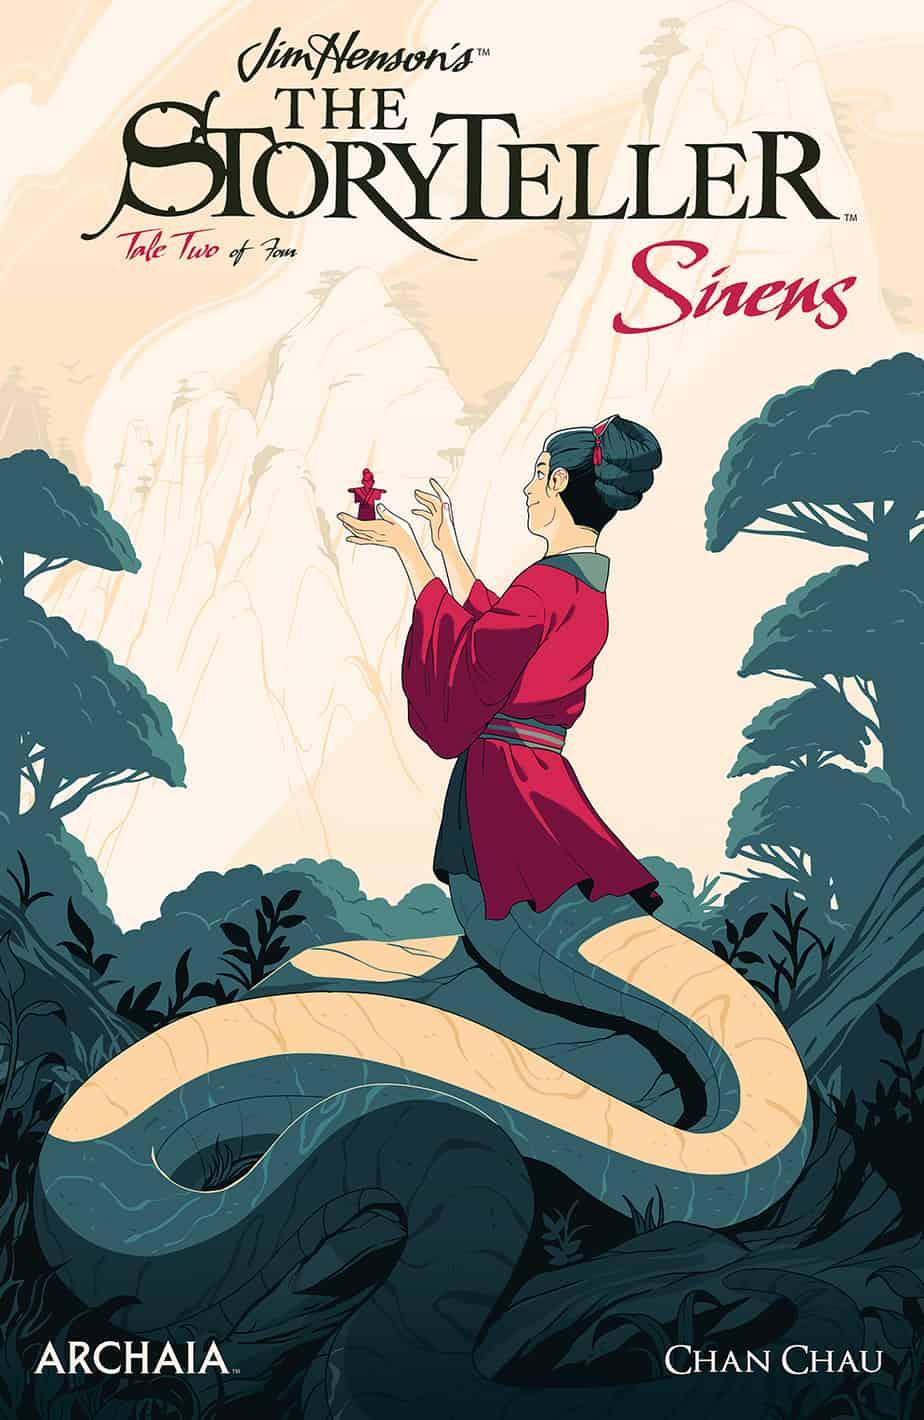 Jim Henson's The Storyteller: Sirens #2 - Preorder Cover